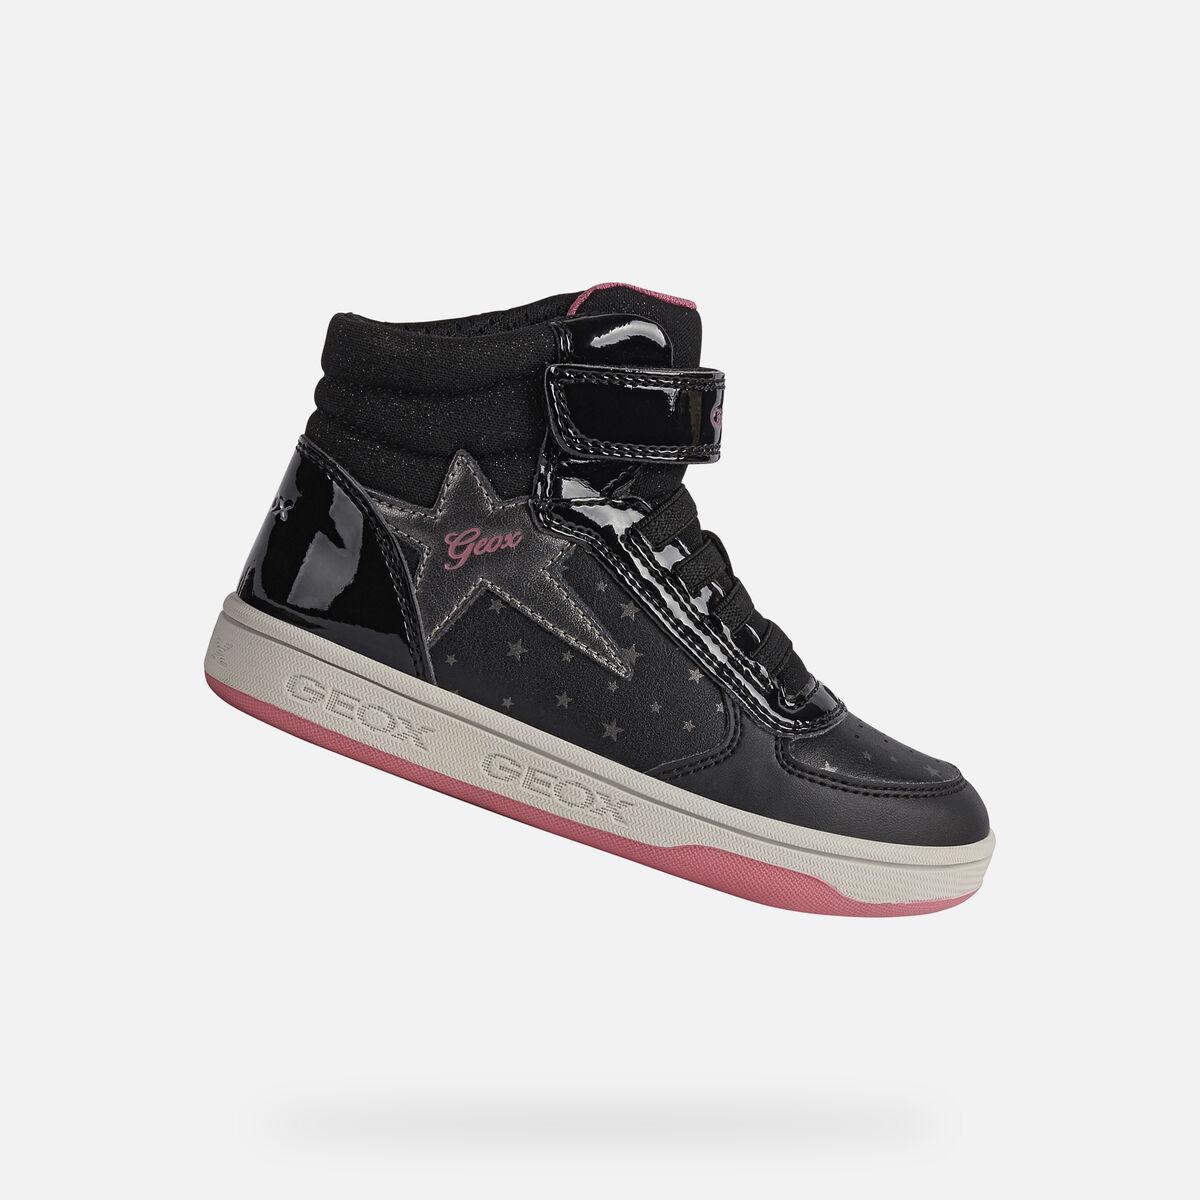 GEOX dětské kotníkové boty MALTIN černé - J1600A